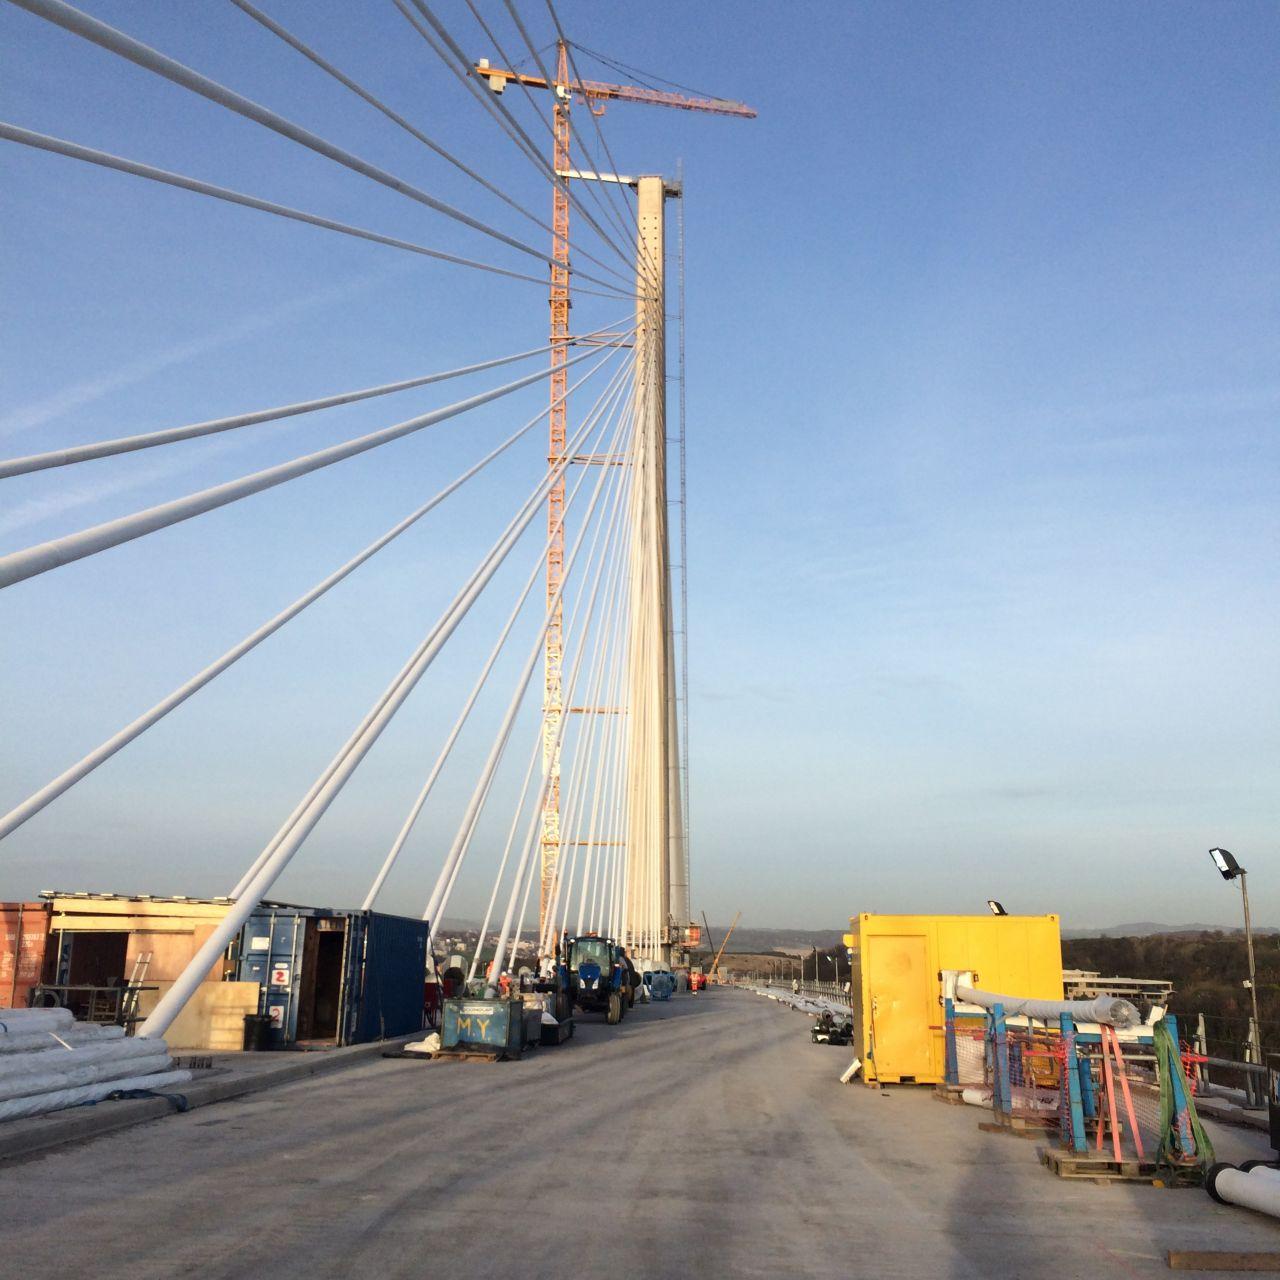 A faster crossing to Edingburgh.  The new bridge in Scotland